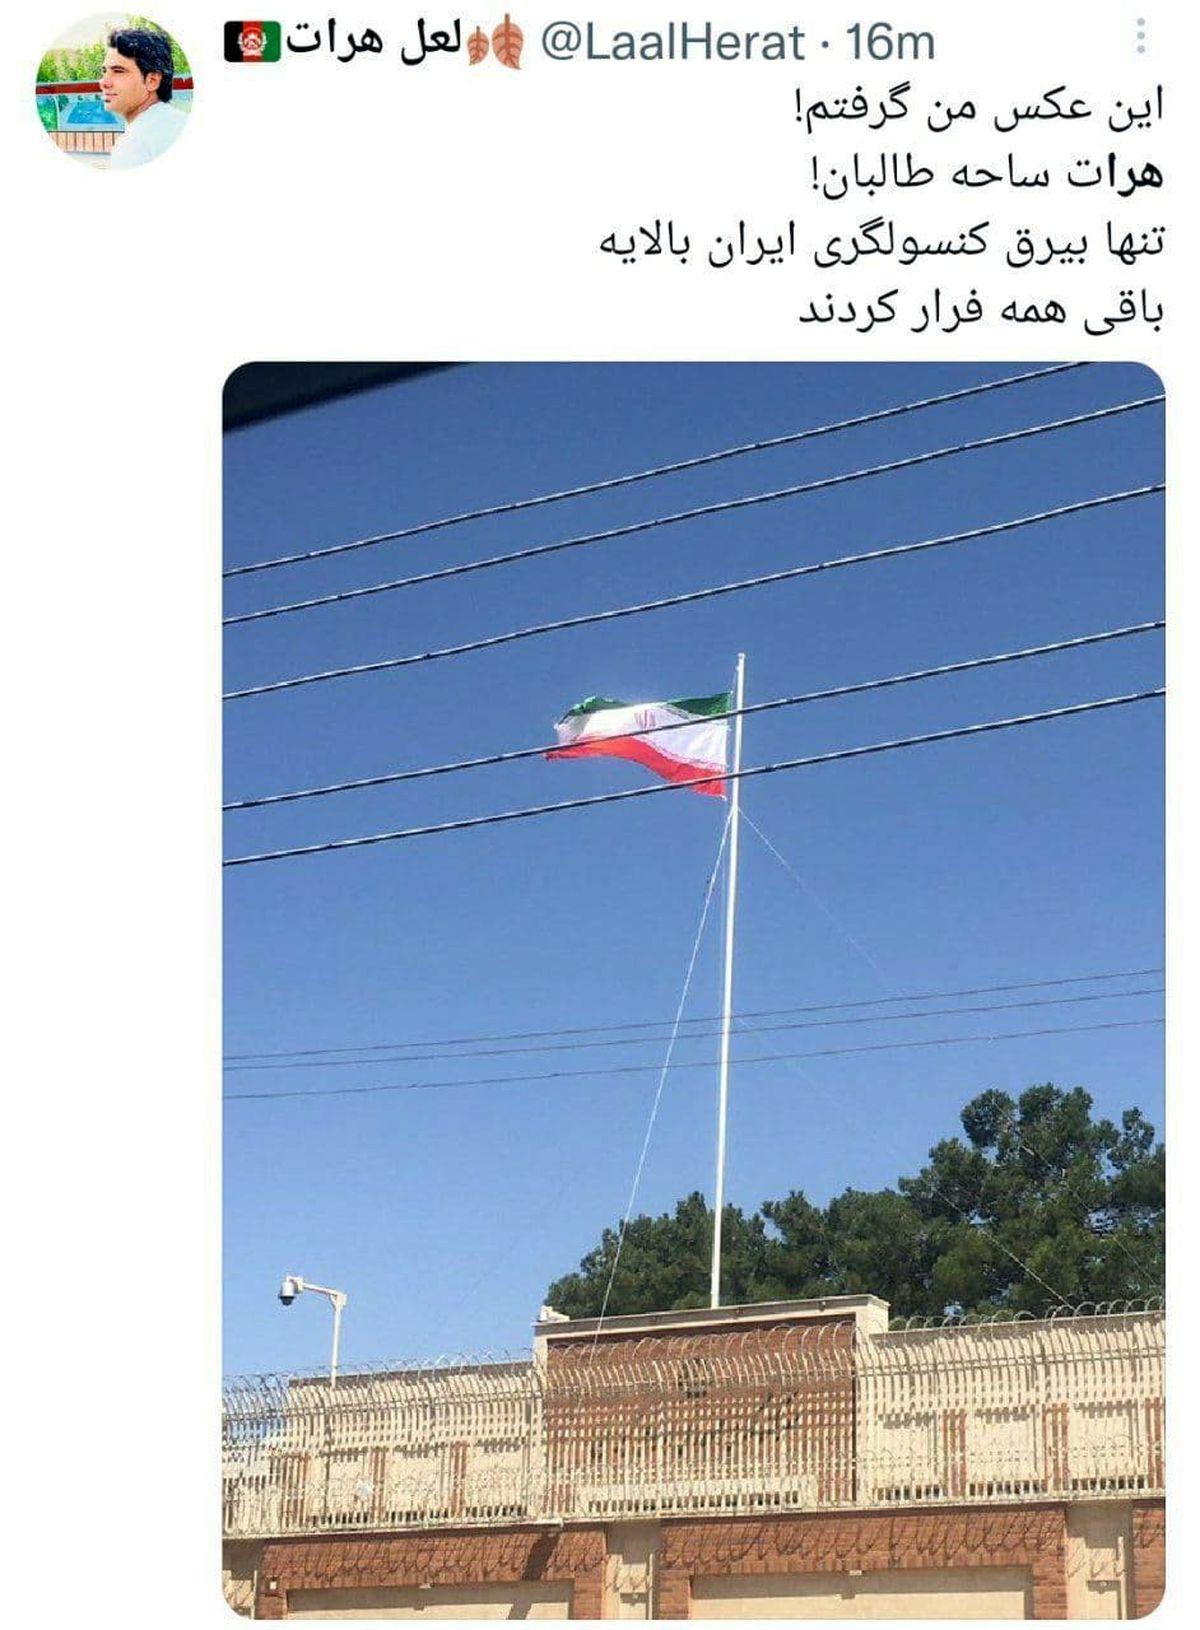 تصویر یک شهروند هراتی از کنسولگری ایران